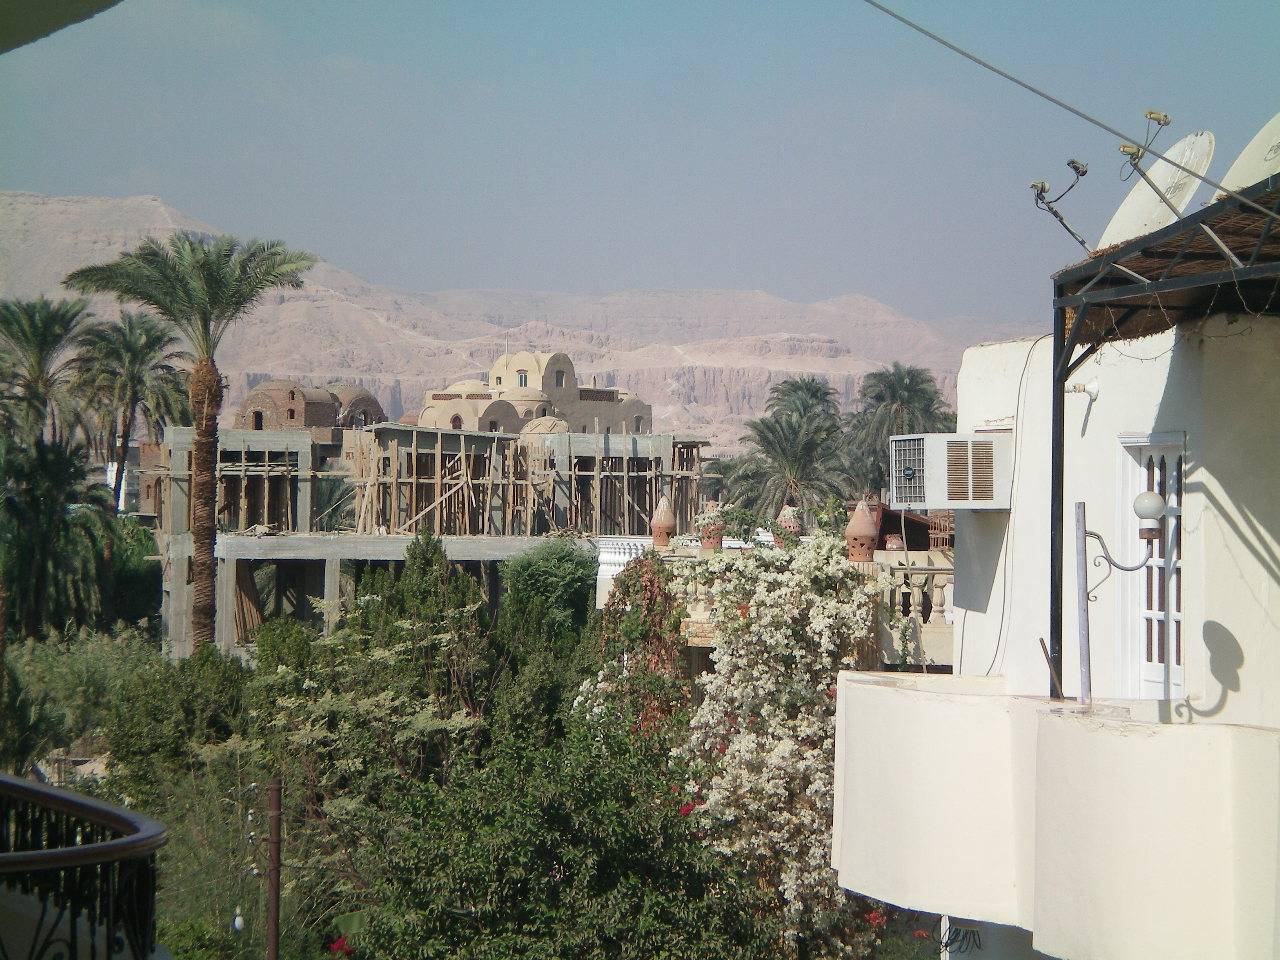 Views to Queen Hatshepsut